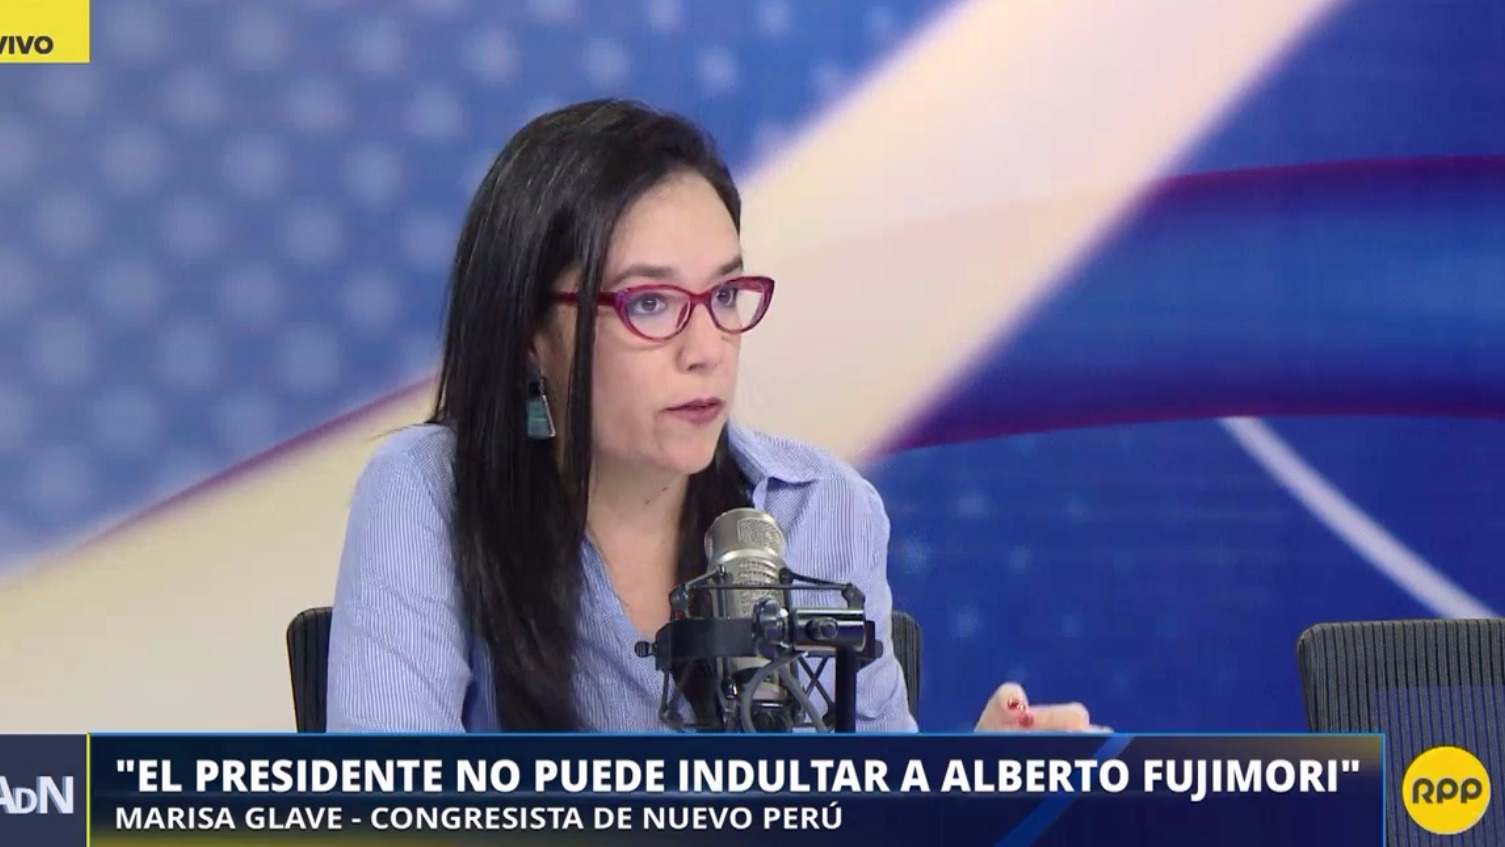 Marisa Glave dijo que el presidente no puede indultar a Fujimori.